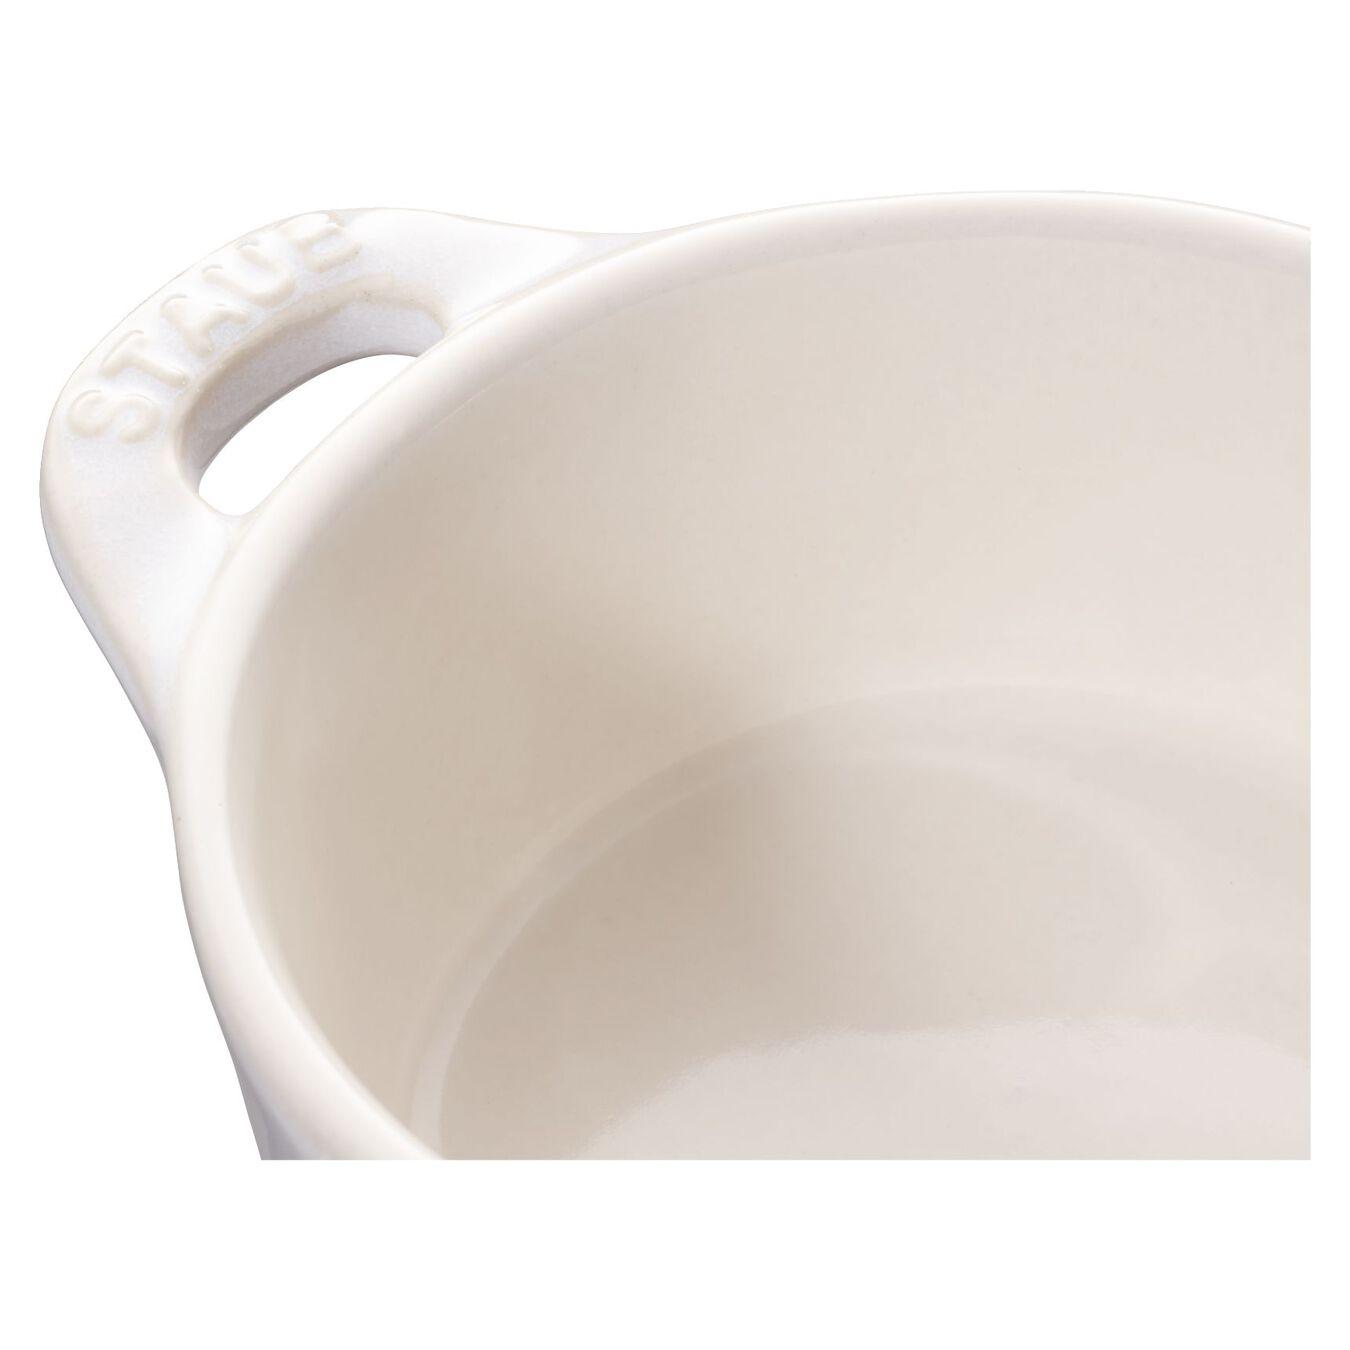 Mini Cocotte 10 cm, rund, Elfenbein-Weiß, Keramik,,large 6